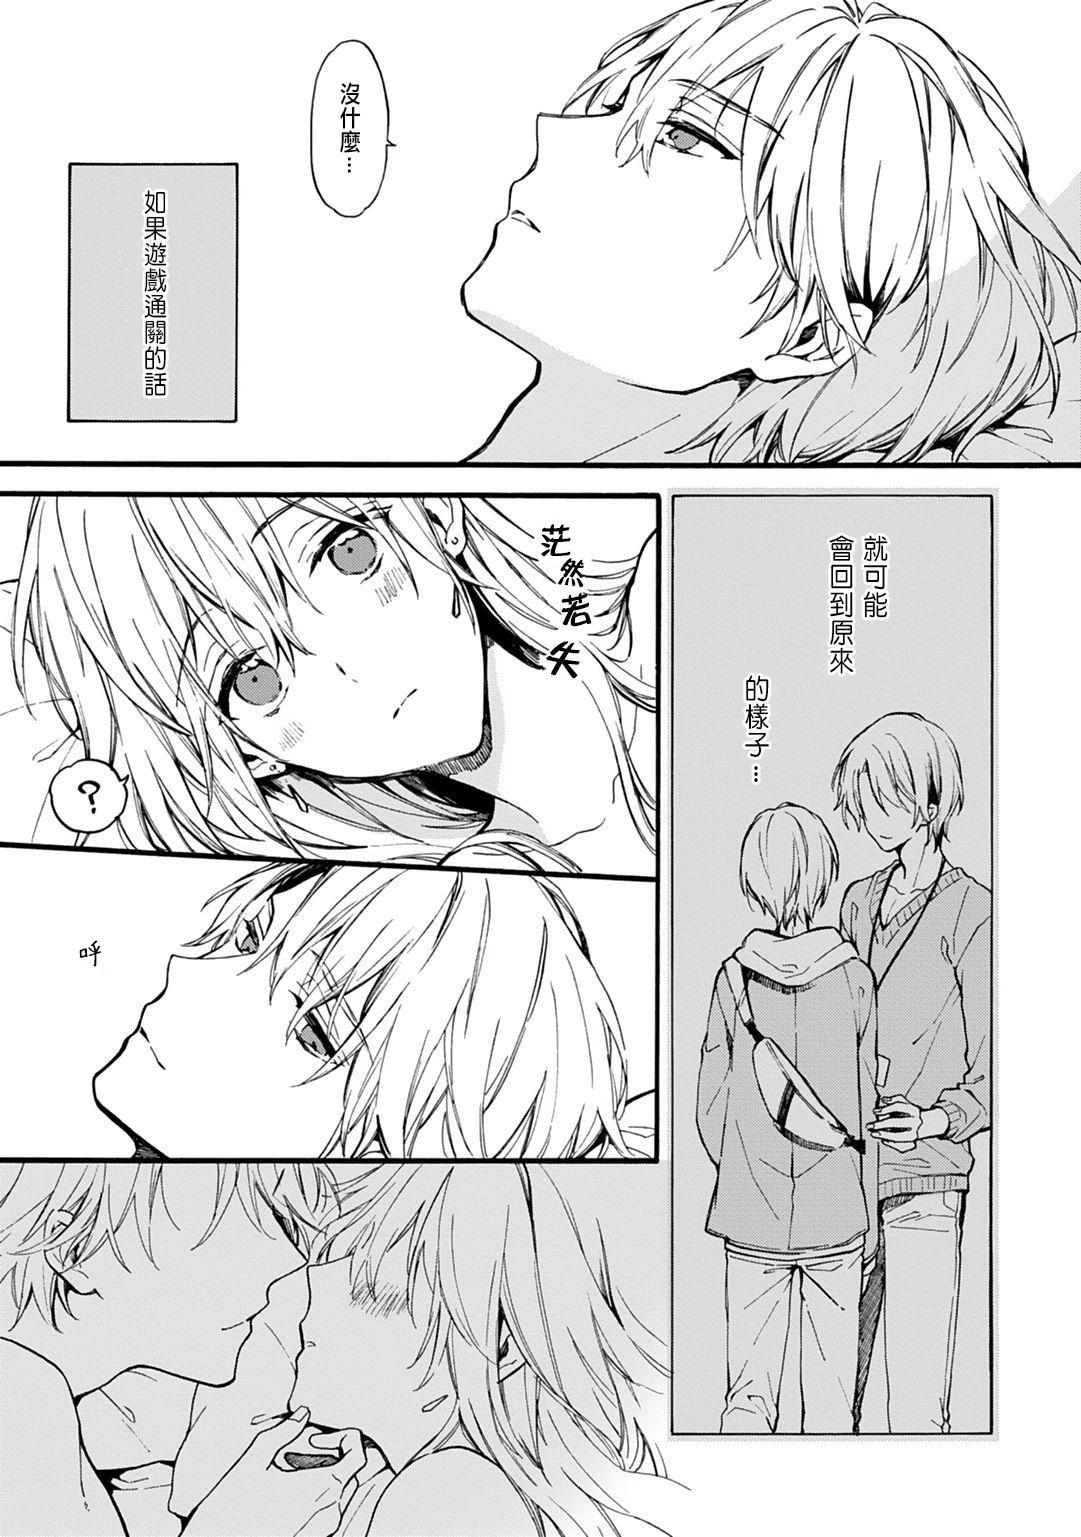 [Suzushiro Nerita] Otomege (18-kin) de Nyotaika shita Ore wa ~Clear Jouken wa Dekiai Ecchi!?~ 1-3 [Chinese] 91